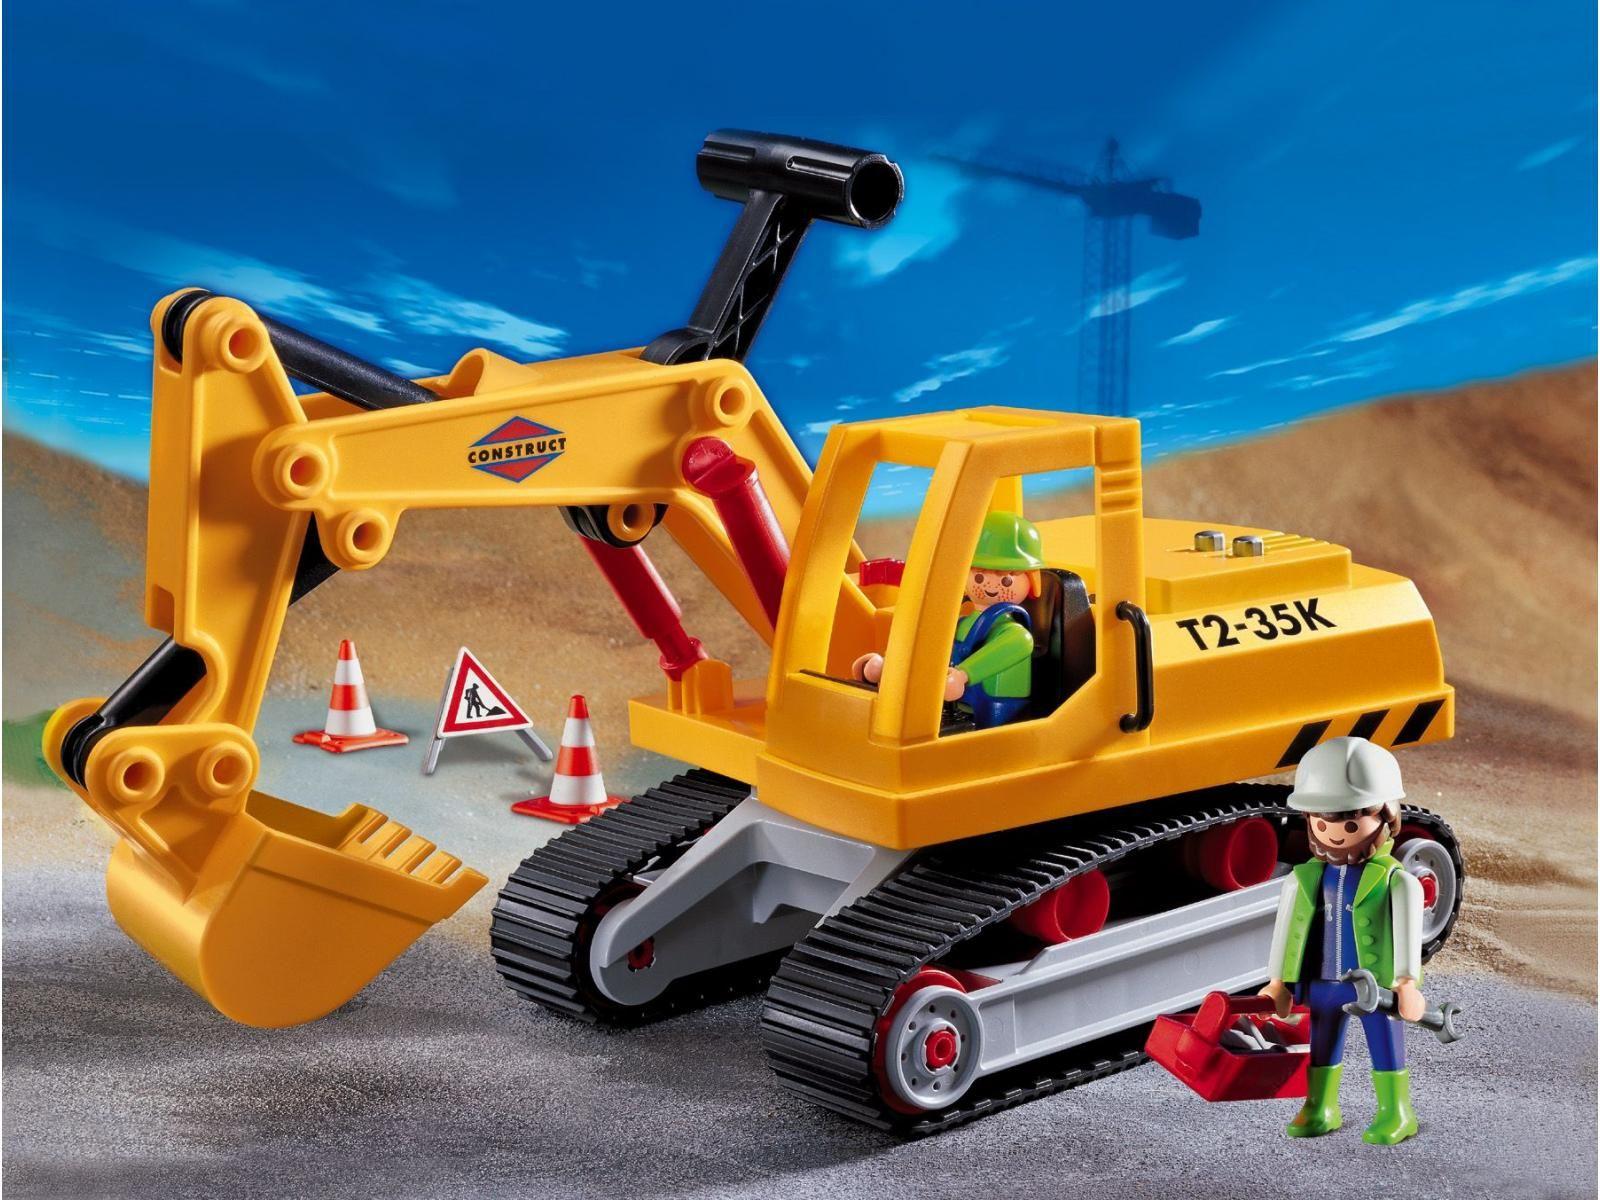 Playmobil 3001 ouvriers avec camion pelleteuse 3001 kids pinterest playmobil - Playmobil camion ...